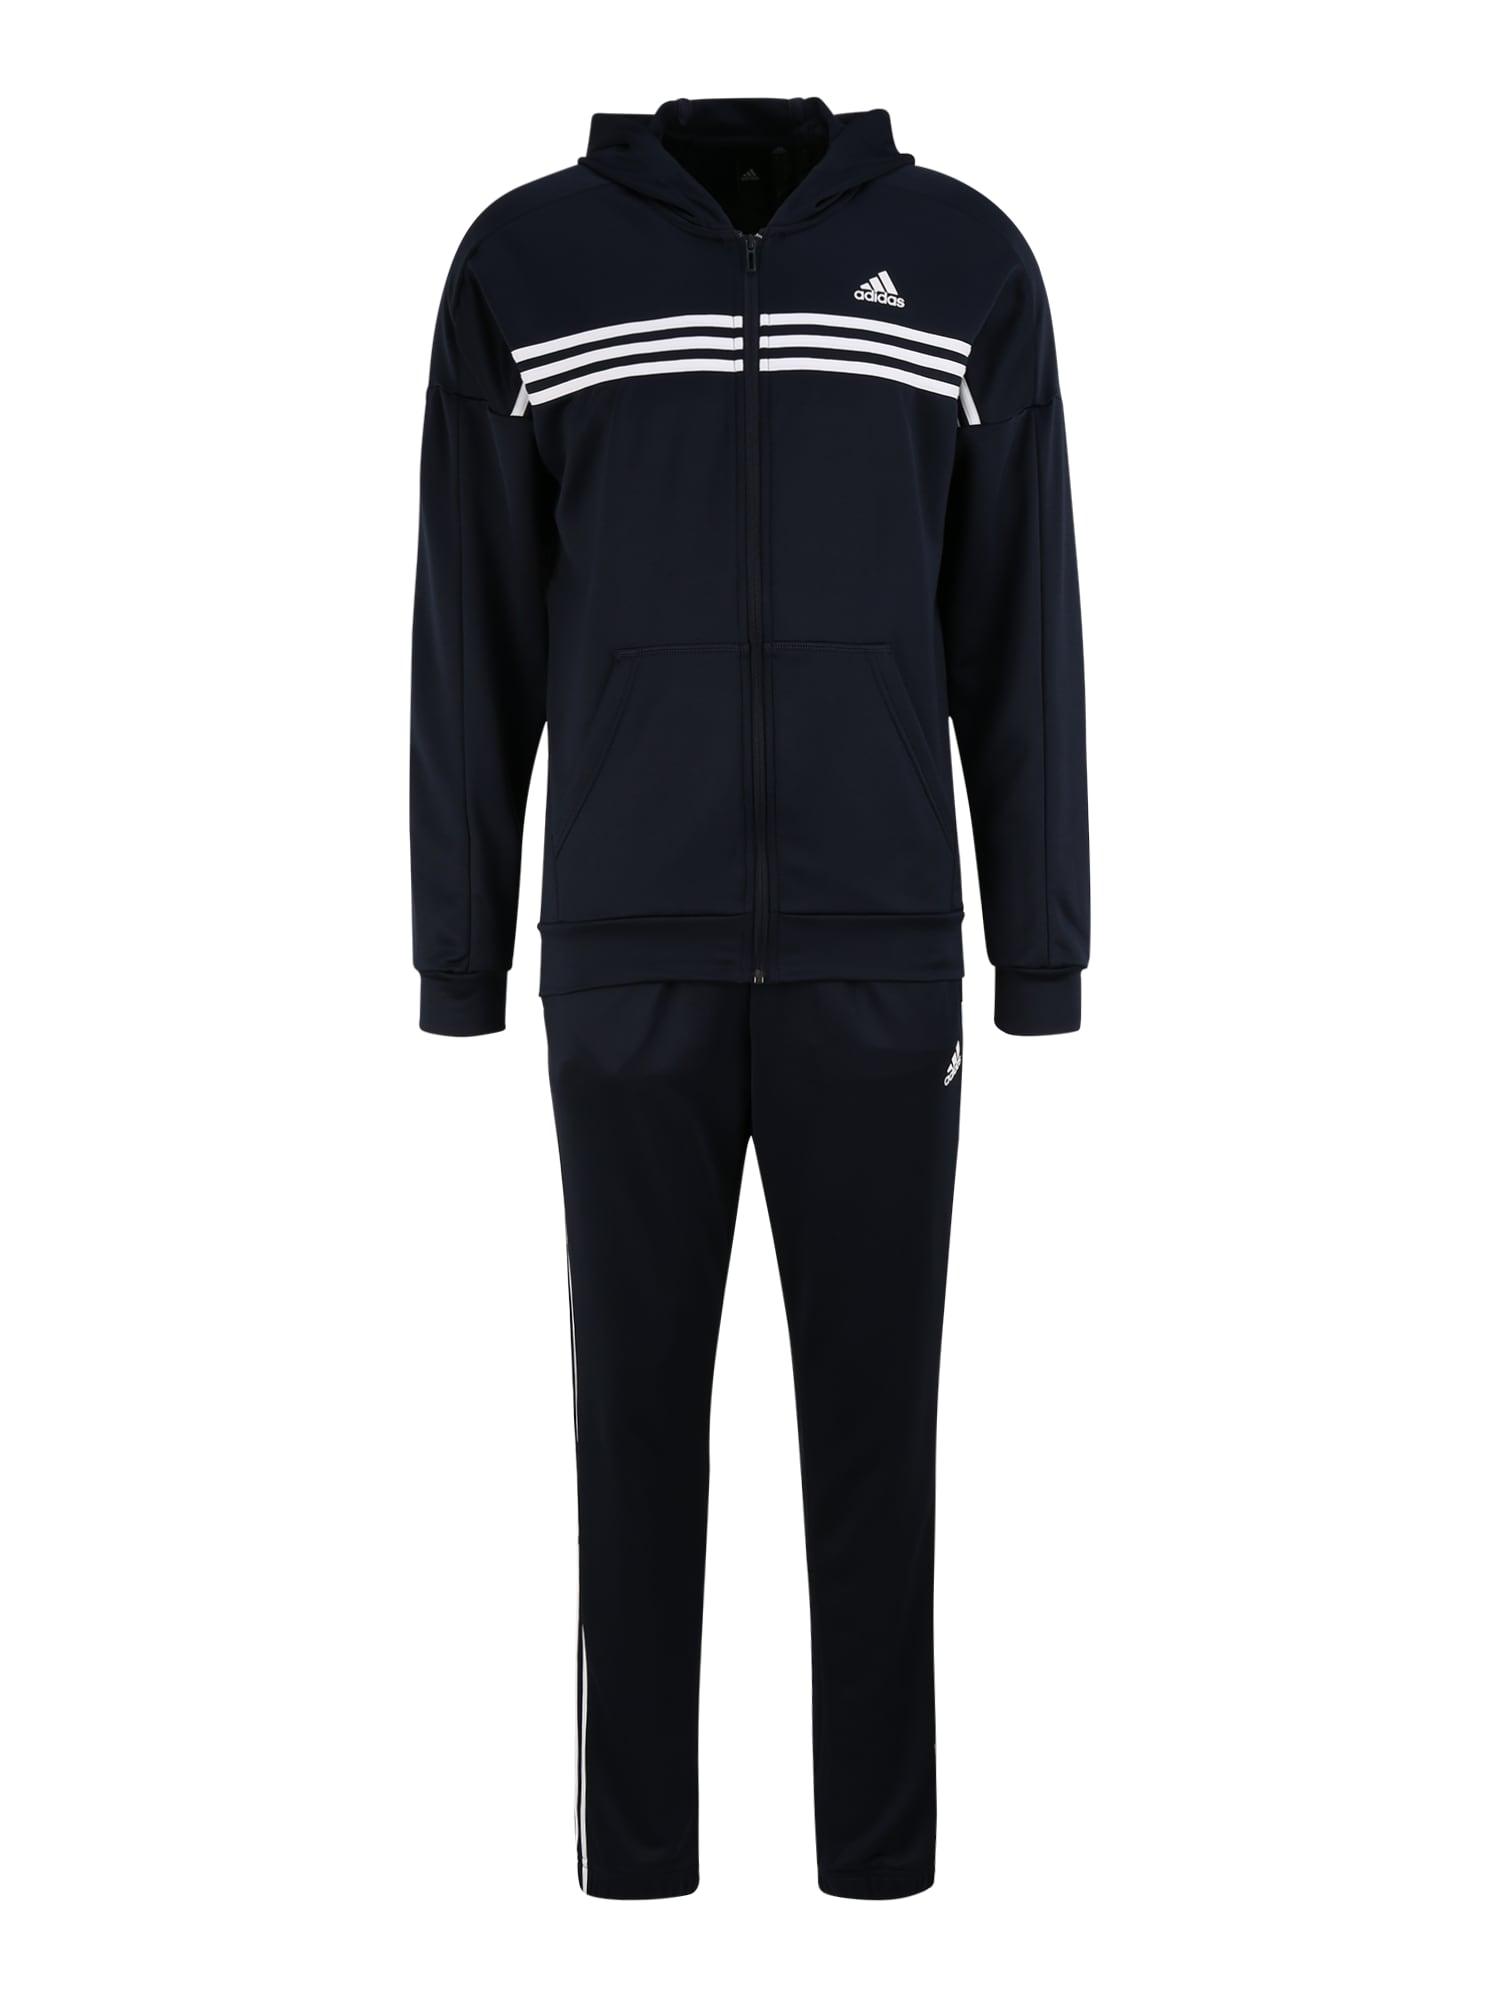 ADIDAS PERFORMANCE Treniruočių kostiumas 'Urban' balta / tamsiai mėlyna jūros spalva